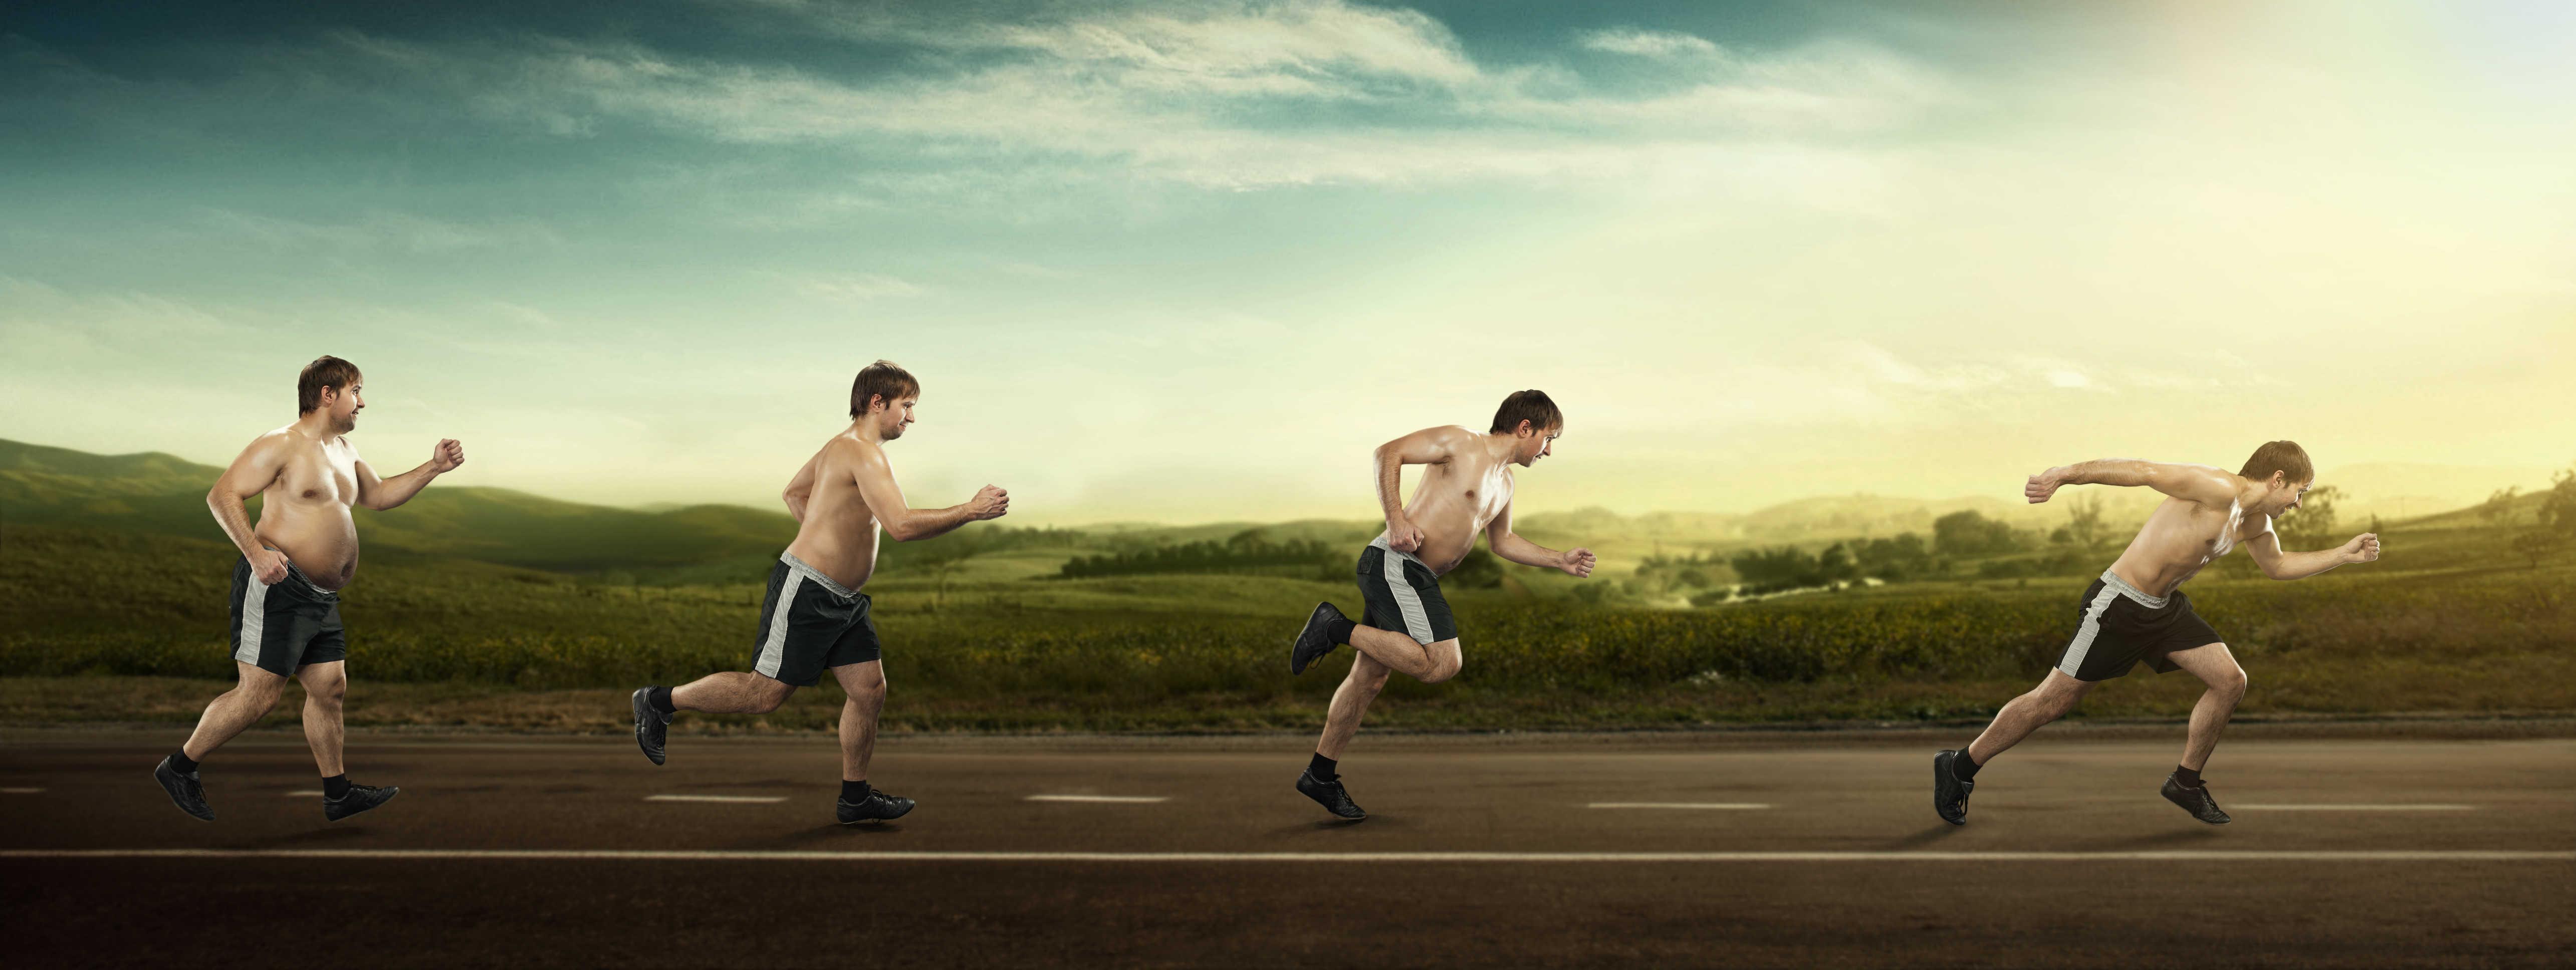 אדם שמן רץ בפעם הראשונה לאחר שרזה